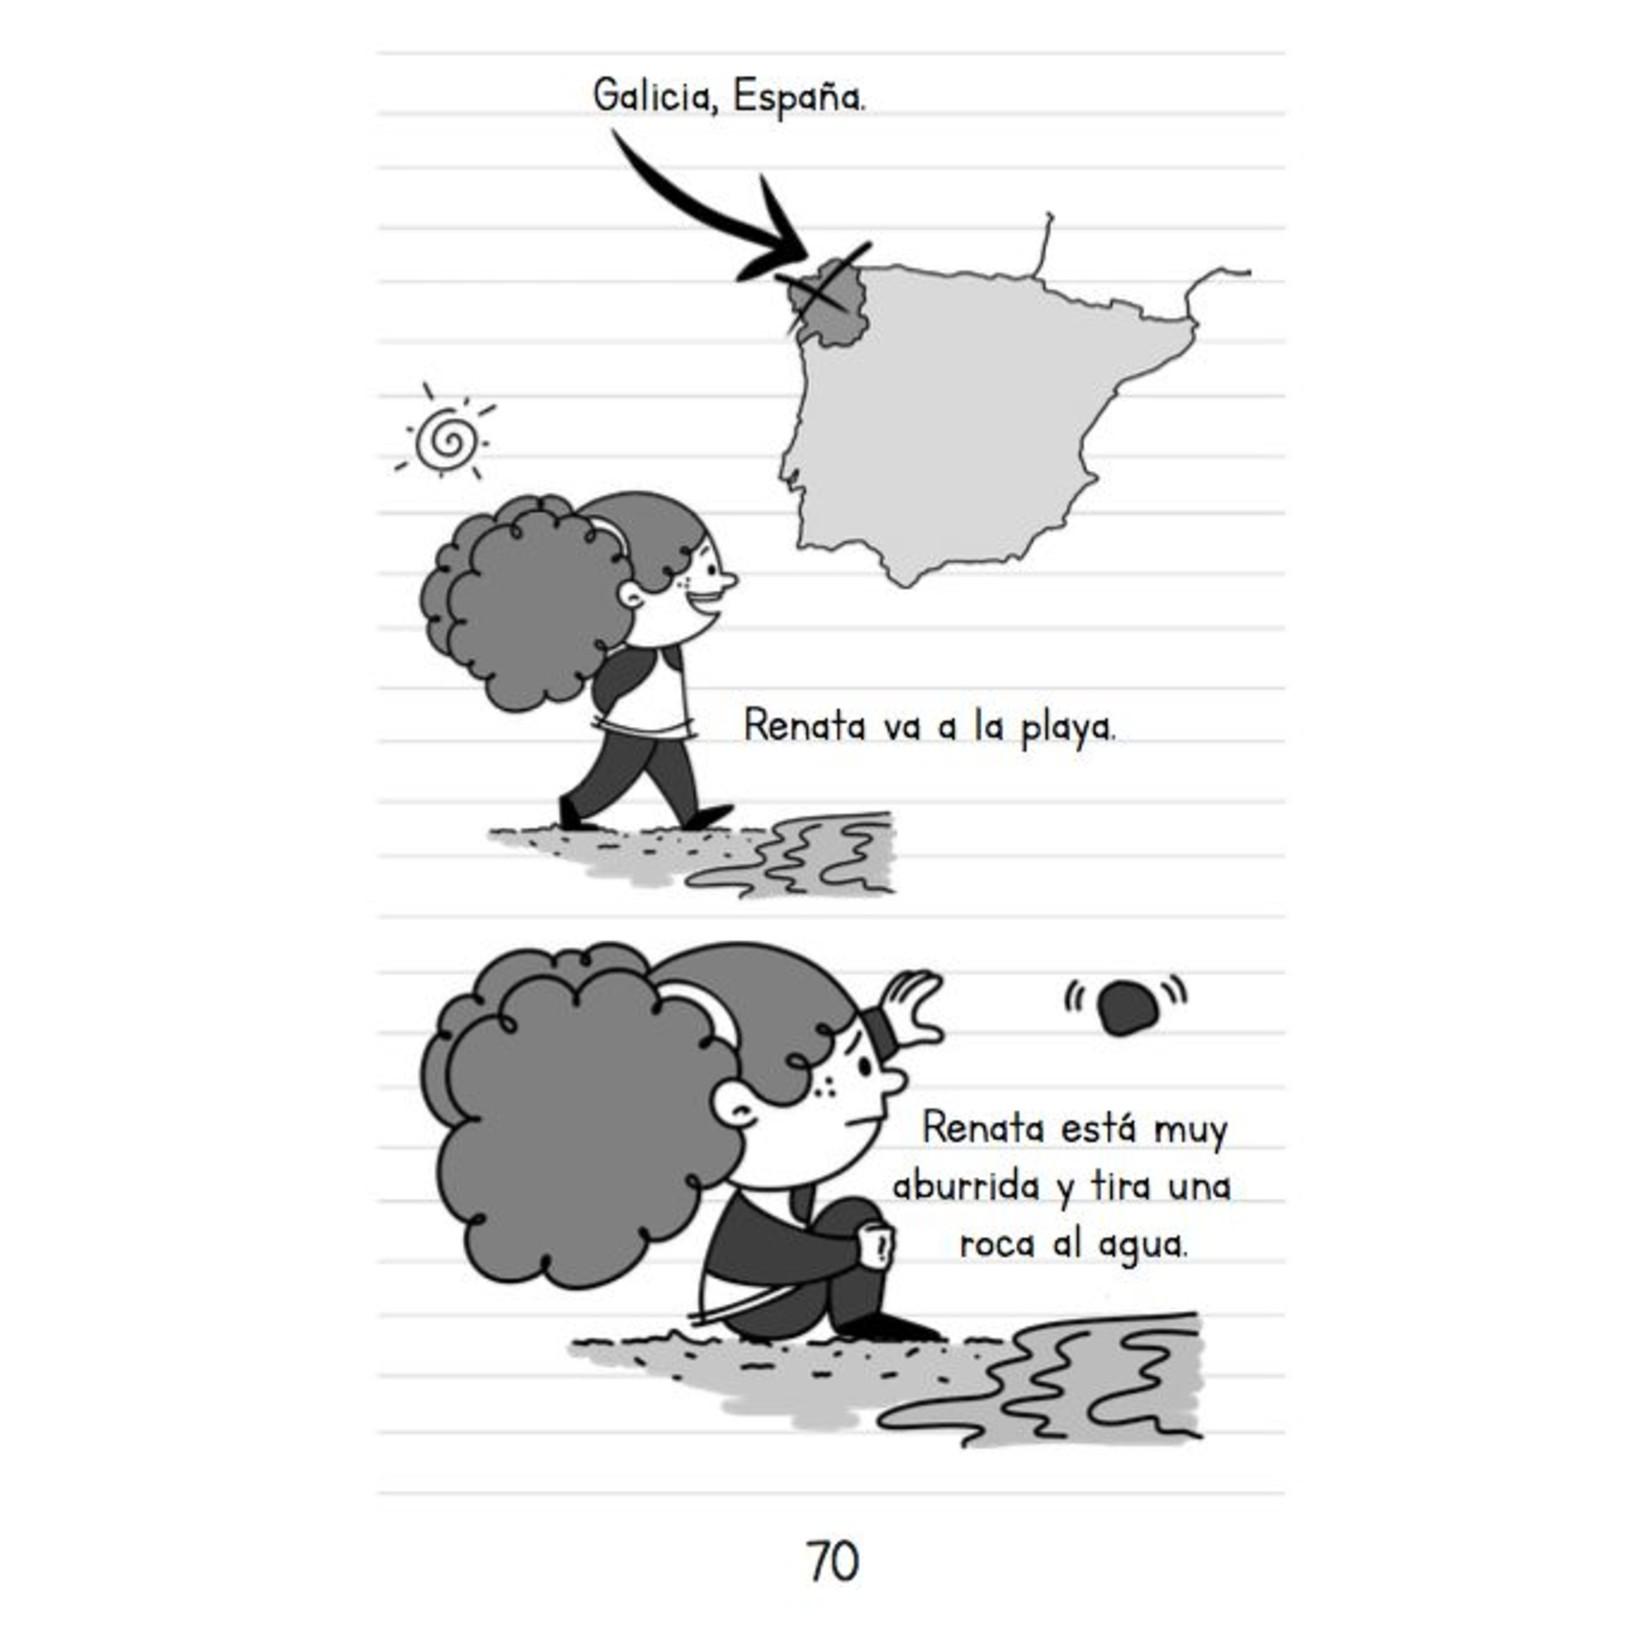 Spanish Cuentos La piñata de Renata